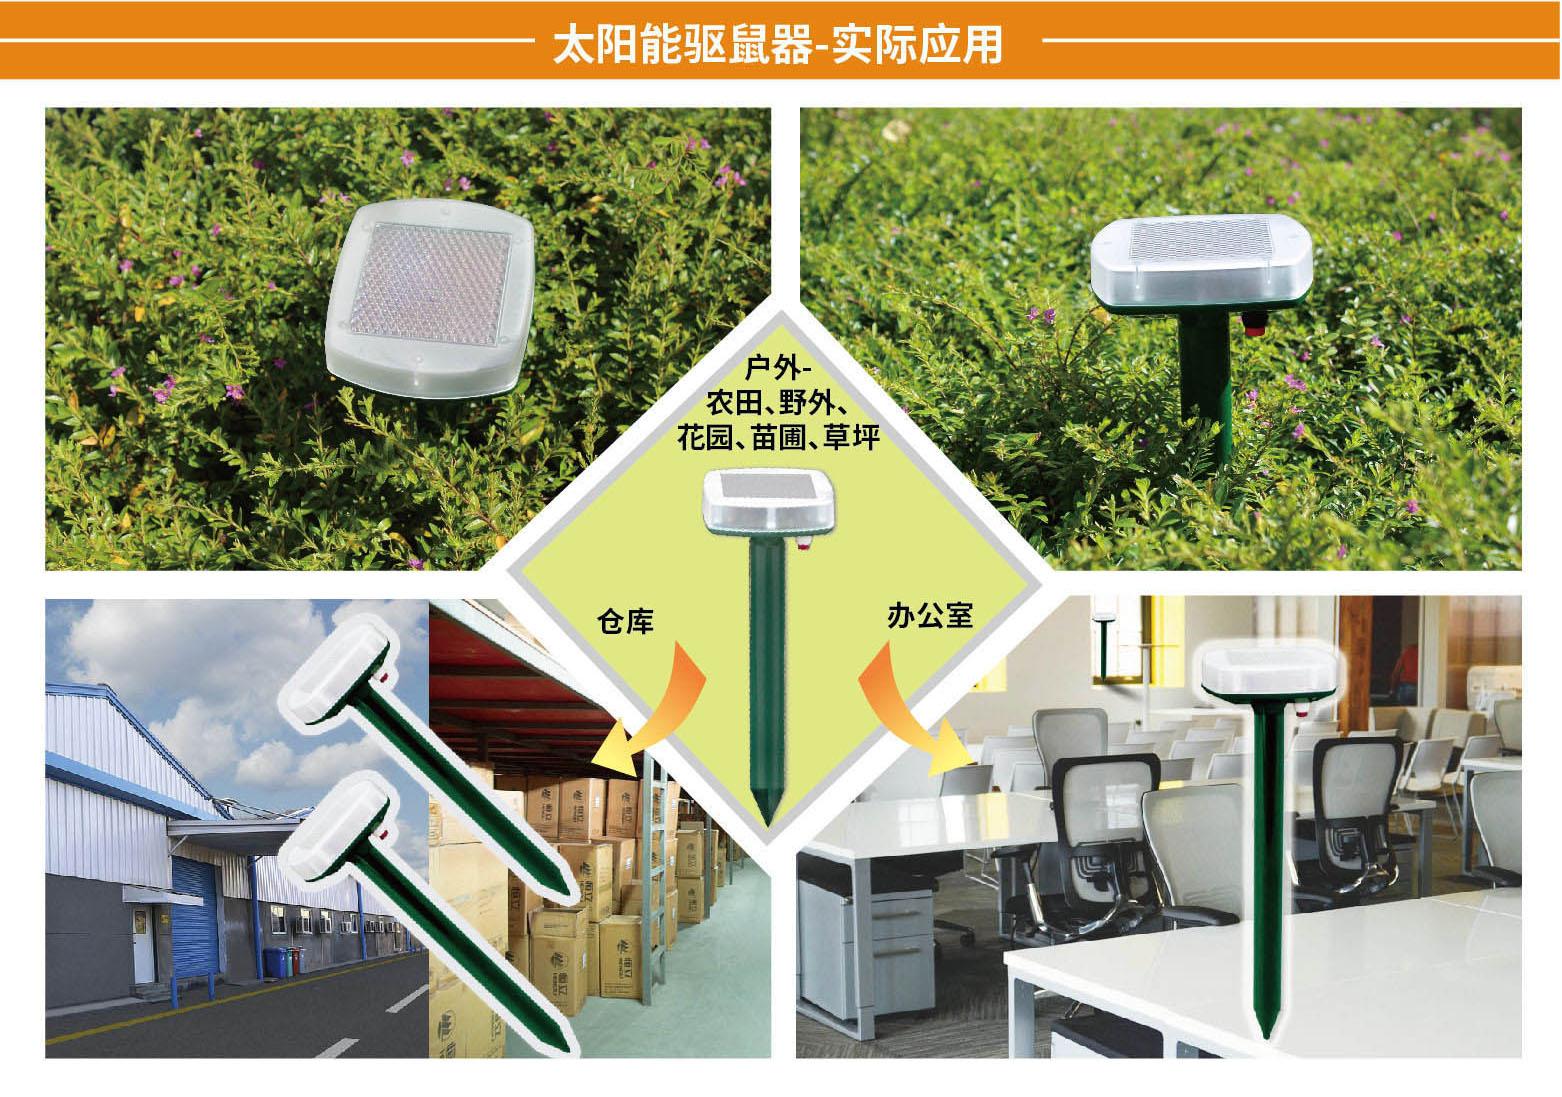 太阳能驱鼠器-7c012e78-e1e8-4599-a8be-861a44e6e52d